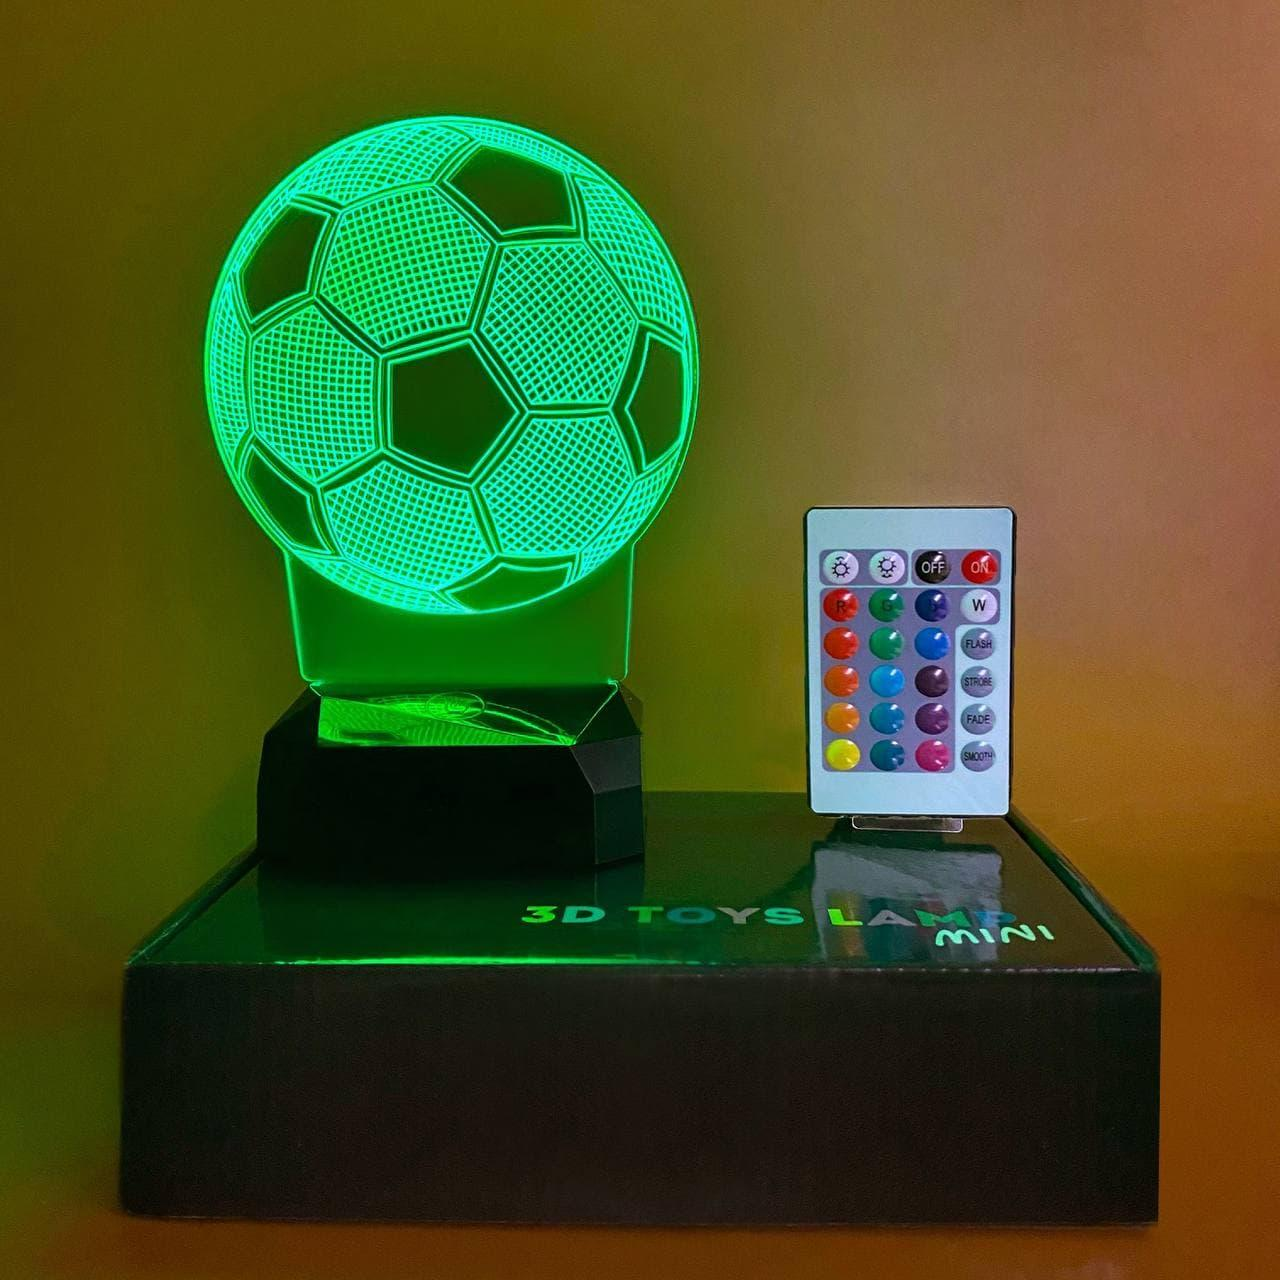 """3D светильник-ночник """"Футбольный мяч"""" + пульт + аккумулятор 3DTOYSLAMP MINI"""